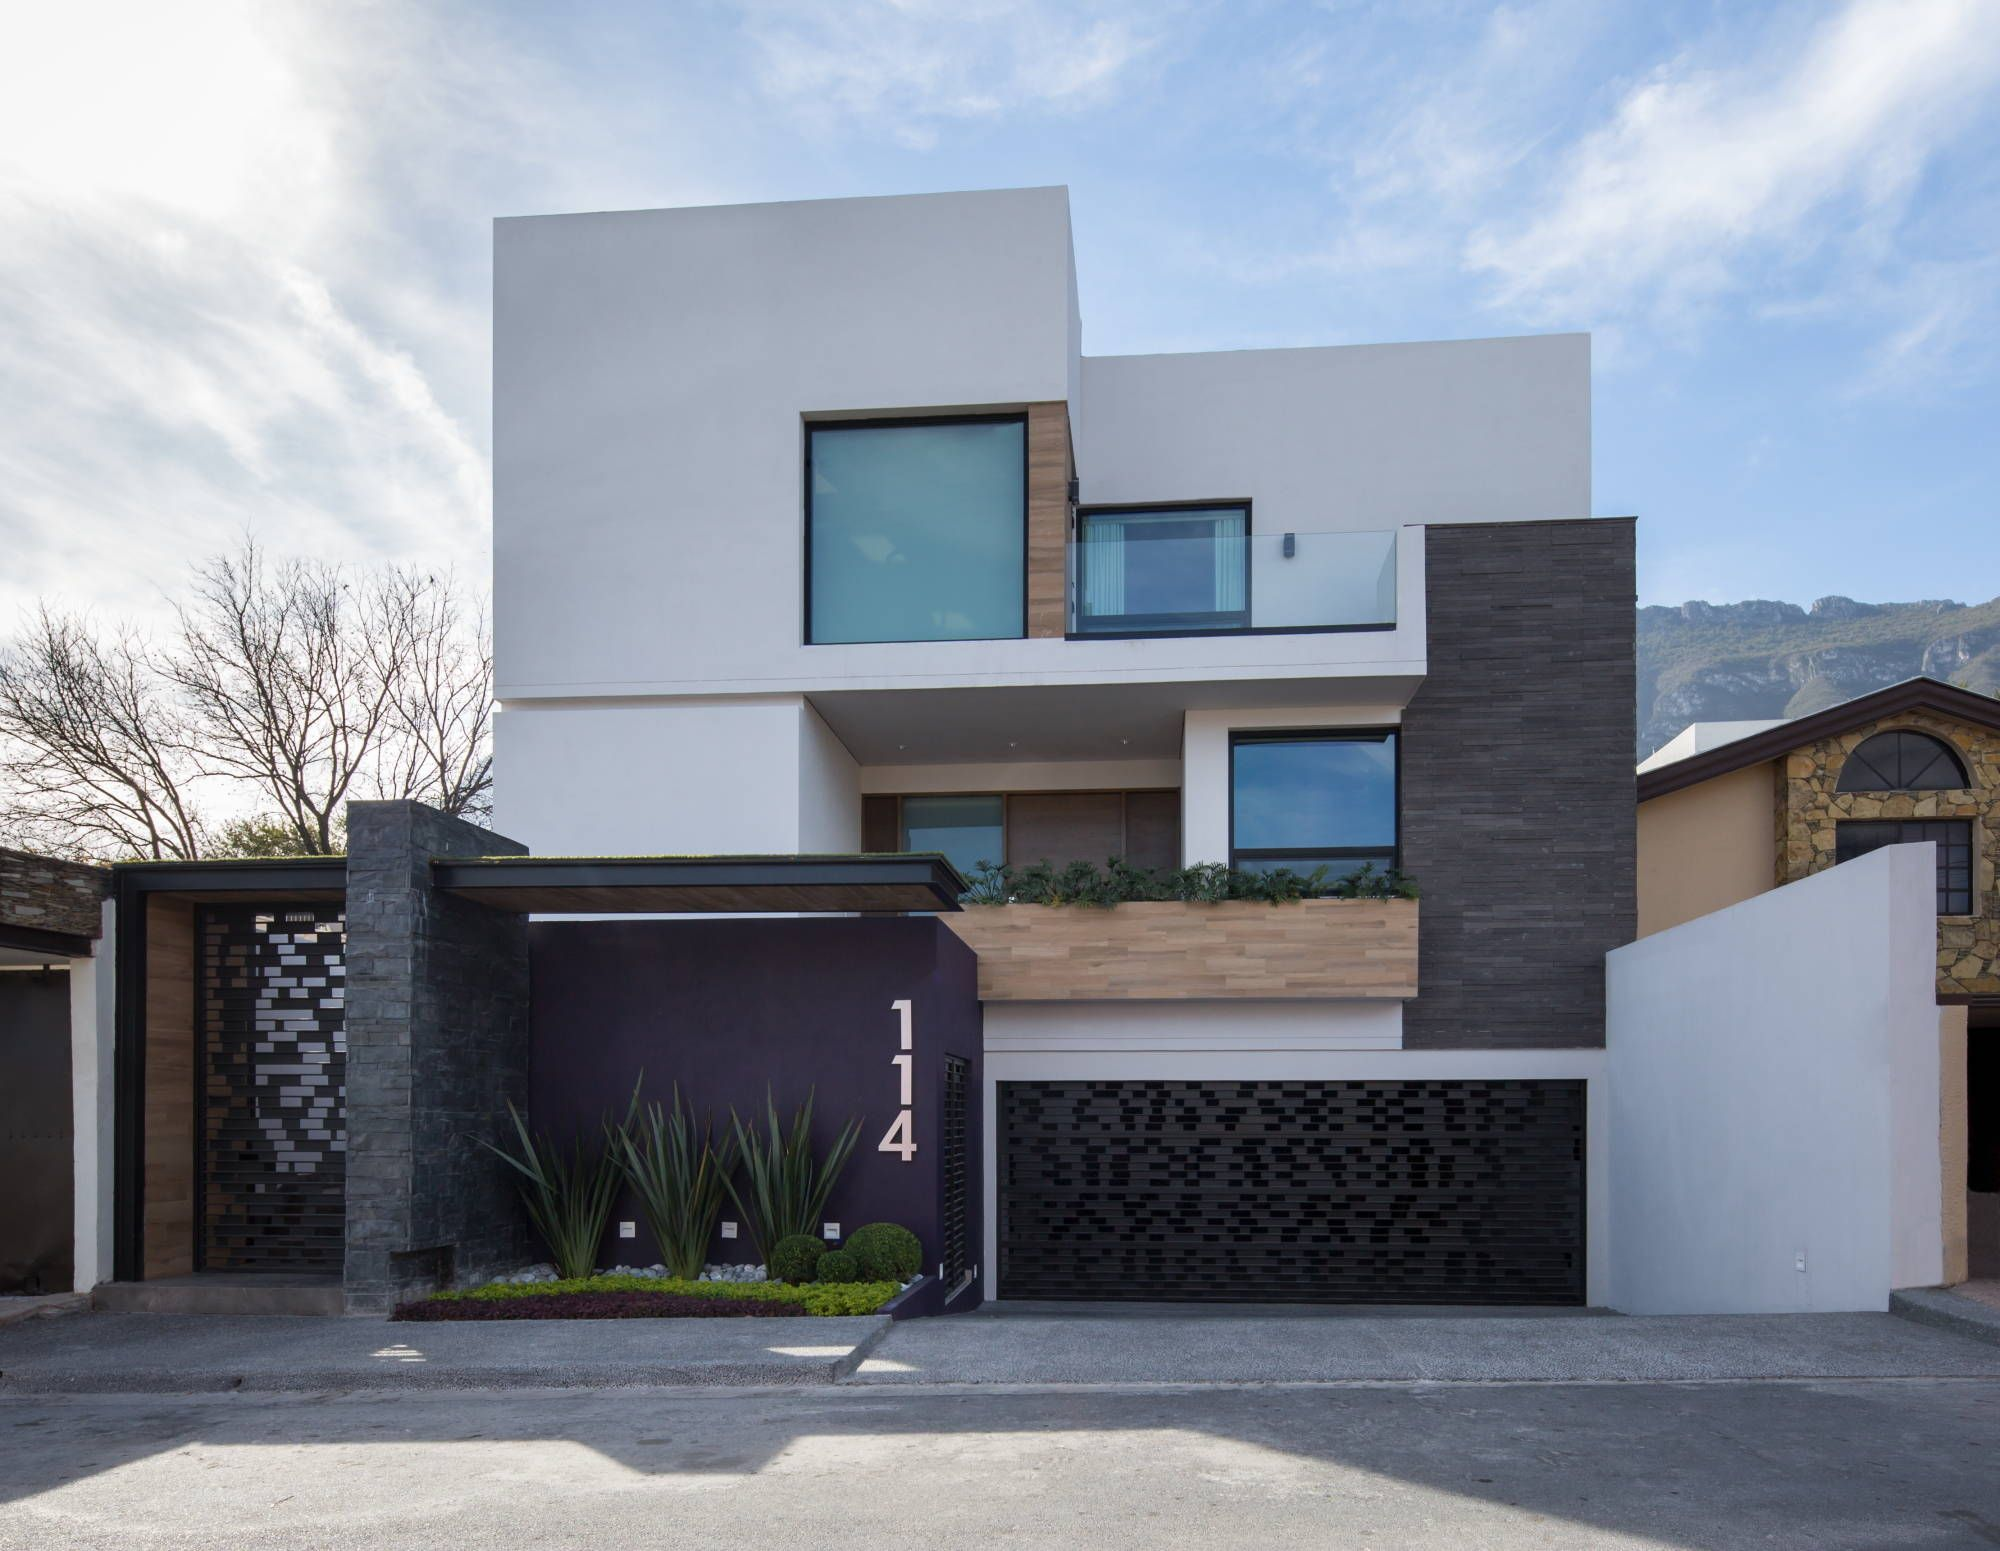 Ideas imágenes y decoración de hogares fachada casas fachadas y